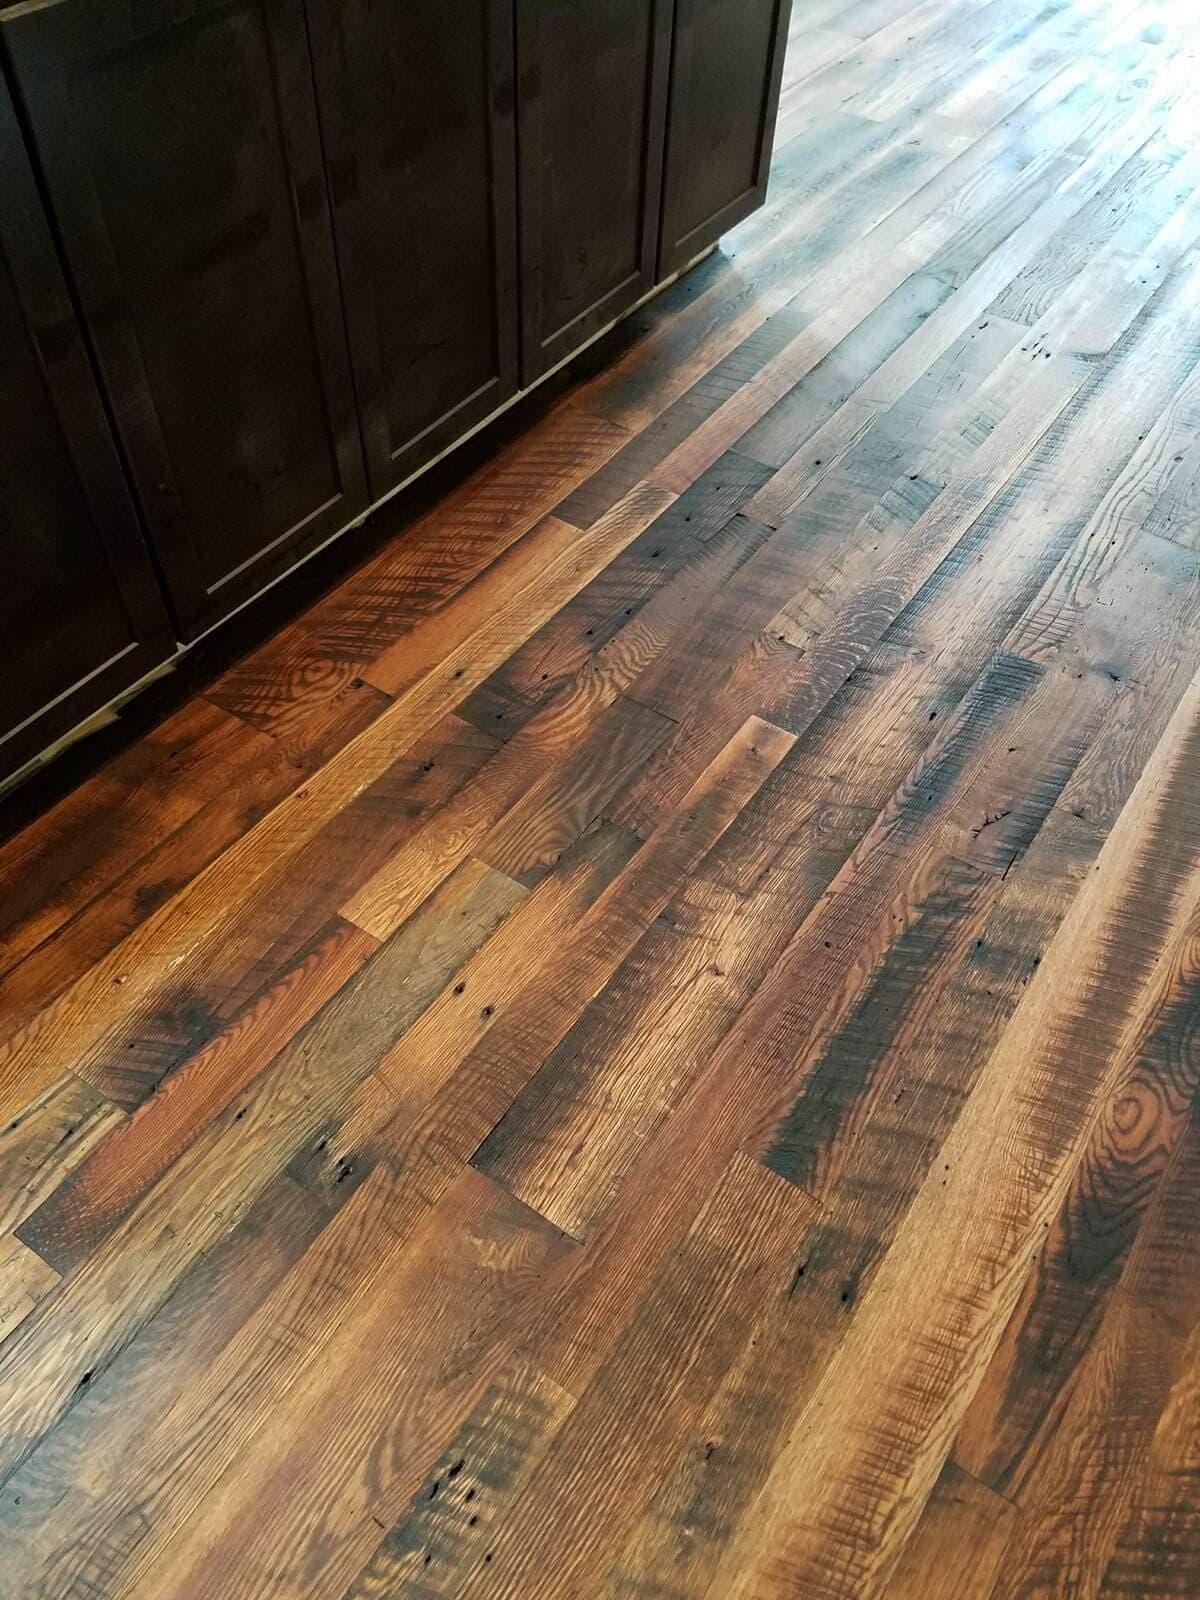 Rustic oak flooring in kitchen floor.